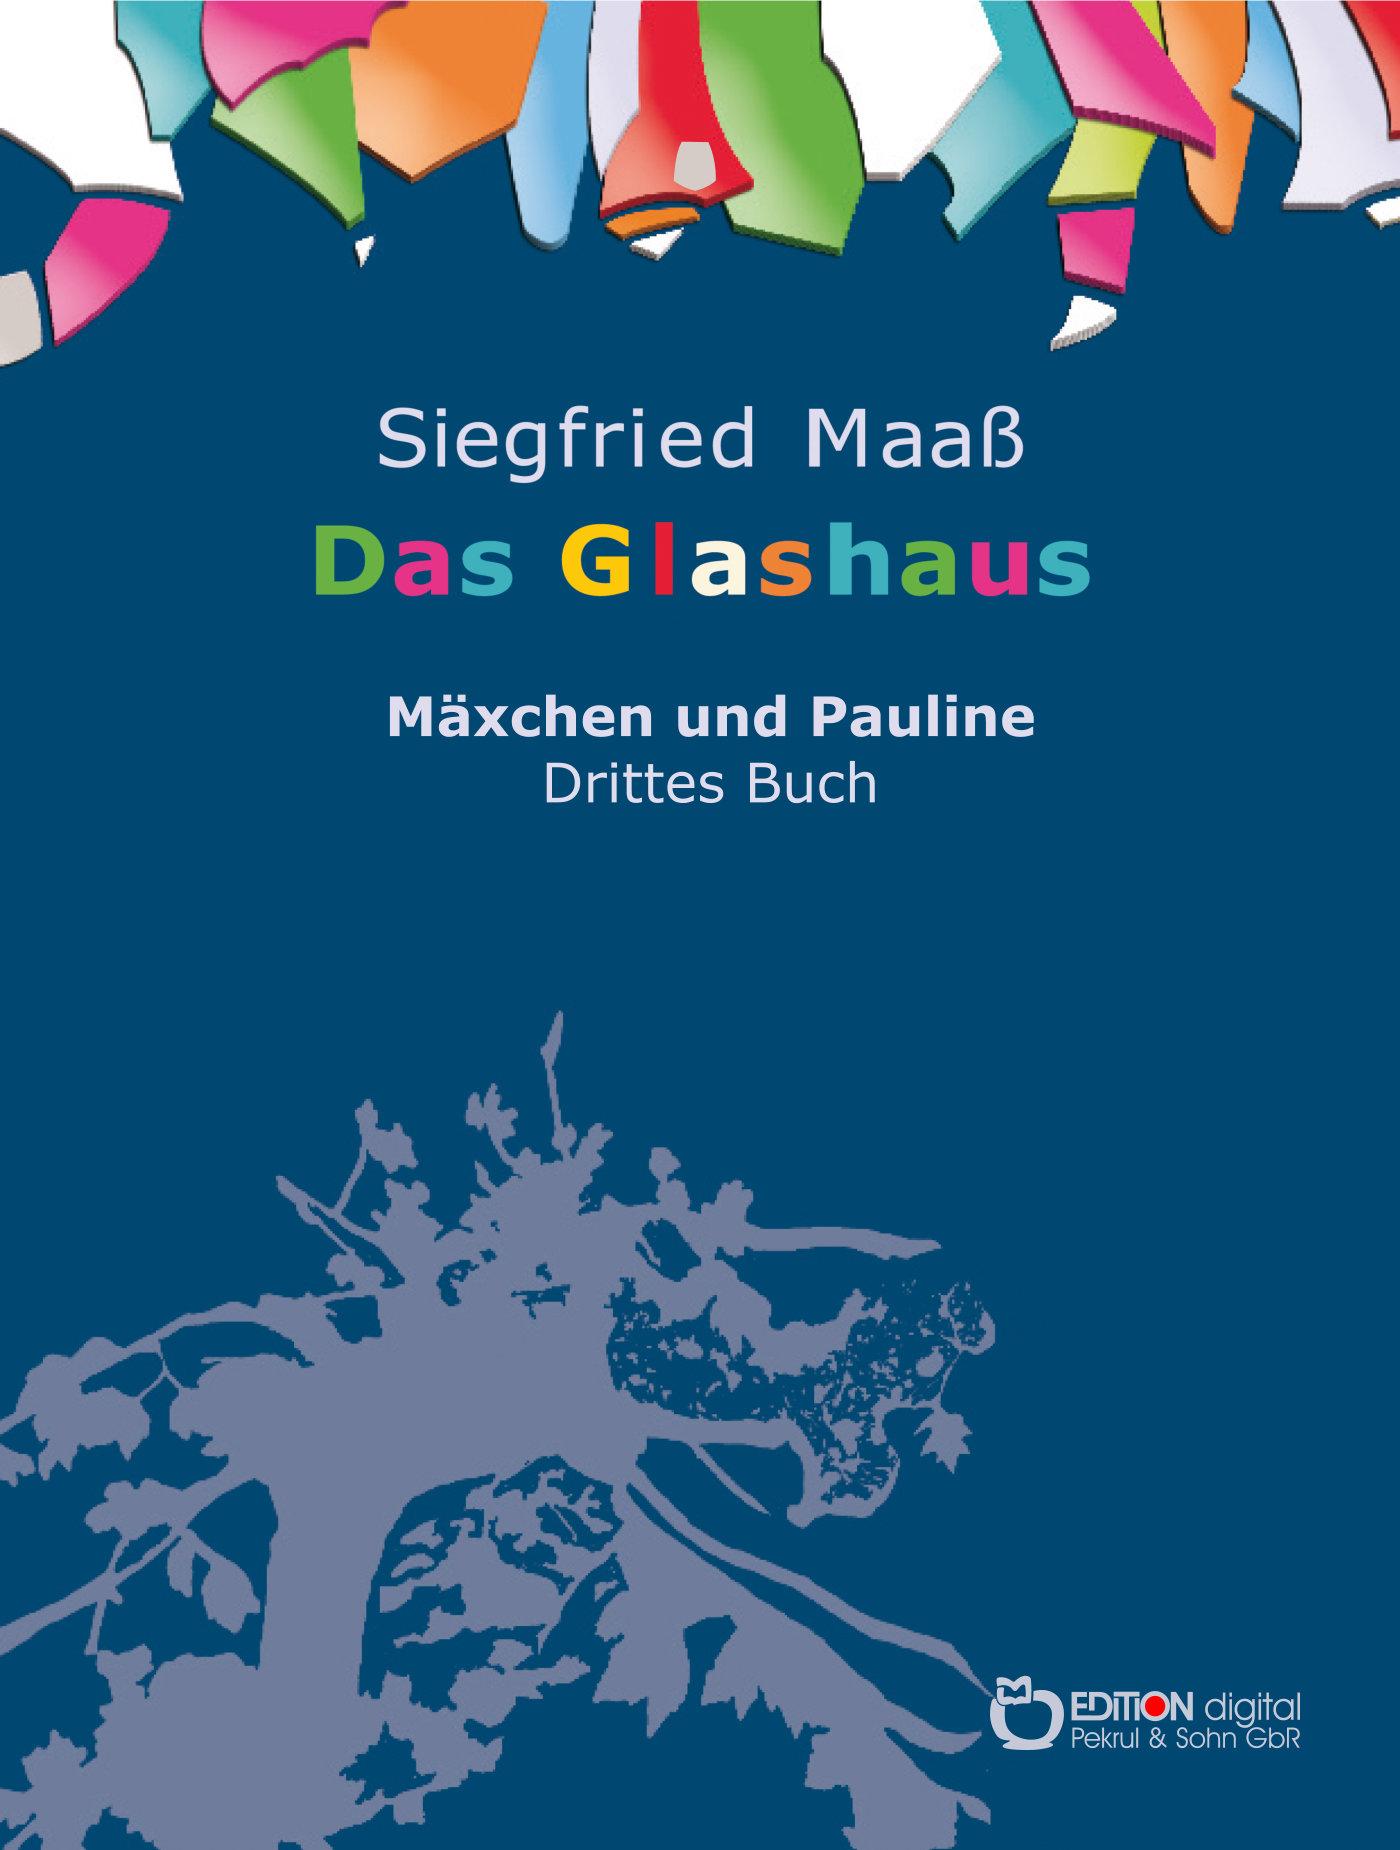 Das Glashaus. Mäxchen und Pauline. Drittes Buch von Siegfried Maaß